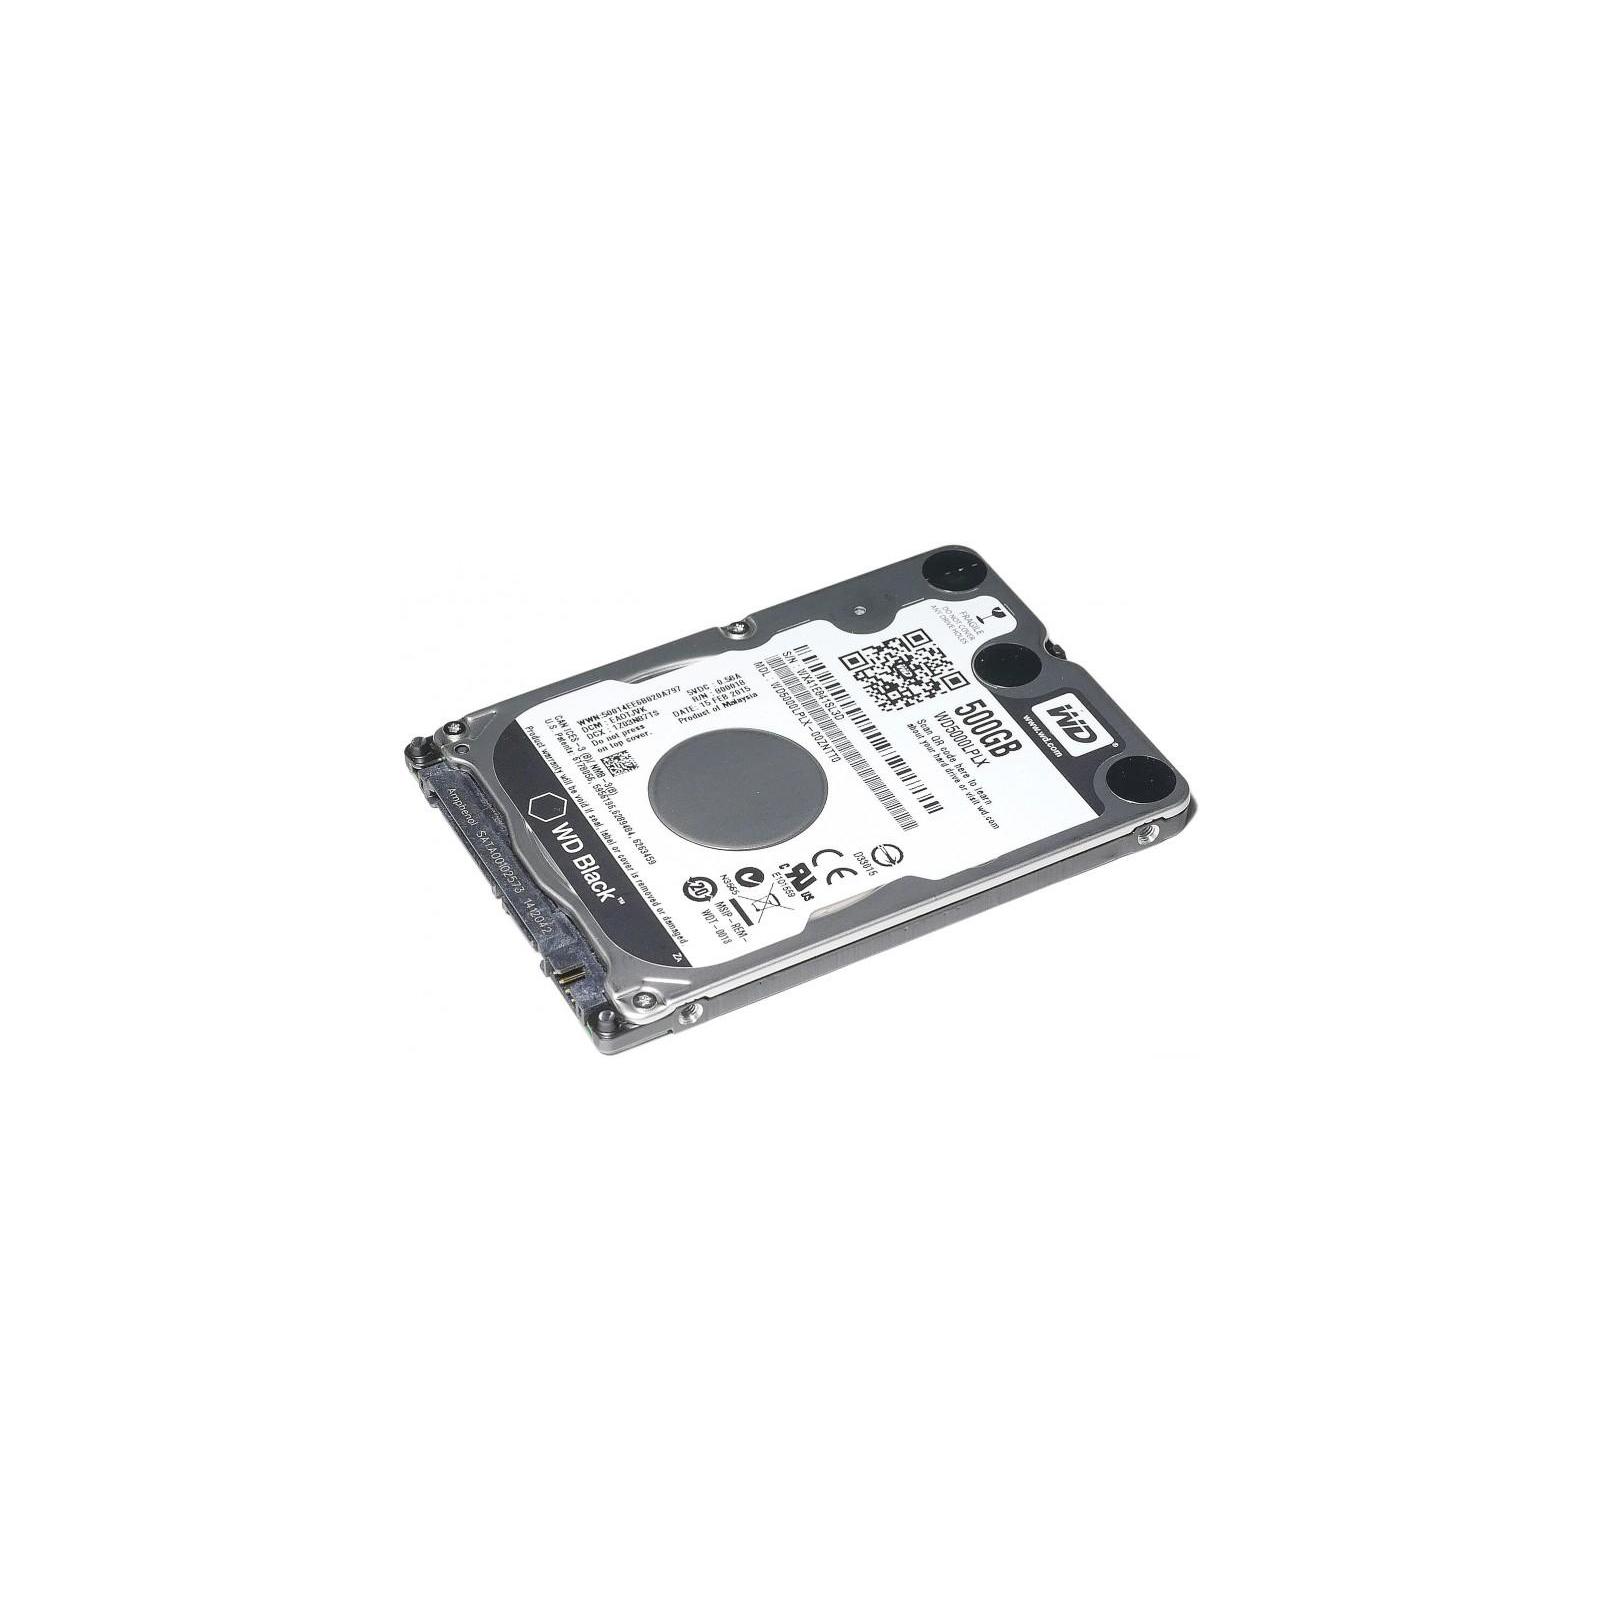 """Жесткий диск для ноутбука 2.5"""" 500GB WD (# WD5000LPLX-FR#) изображение 2"""